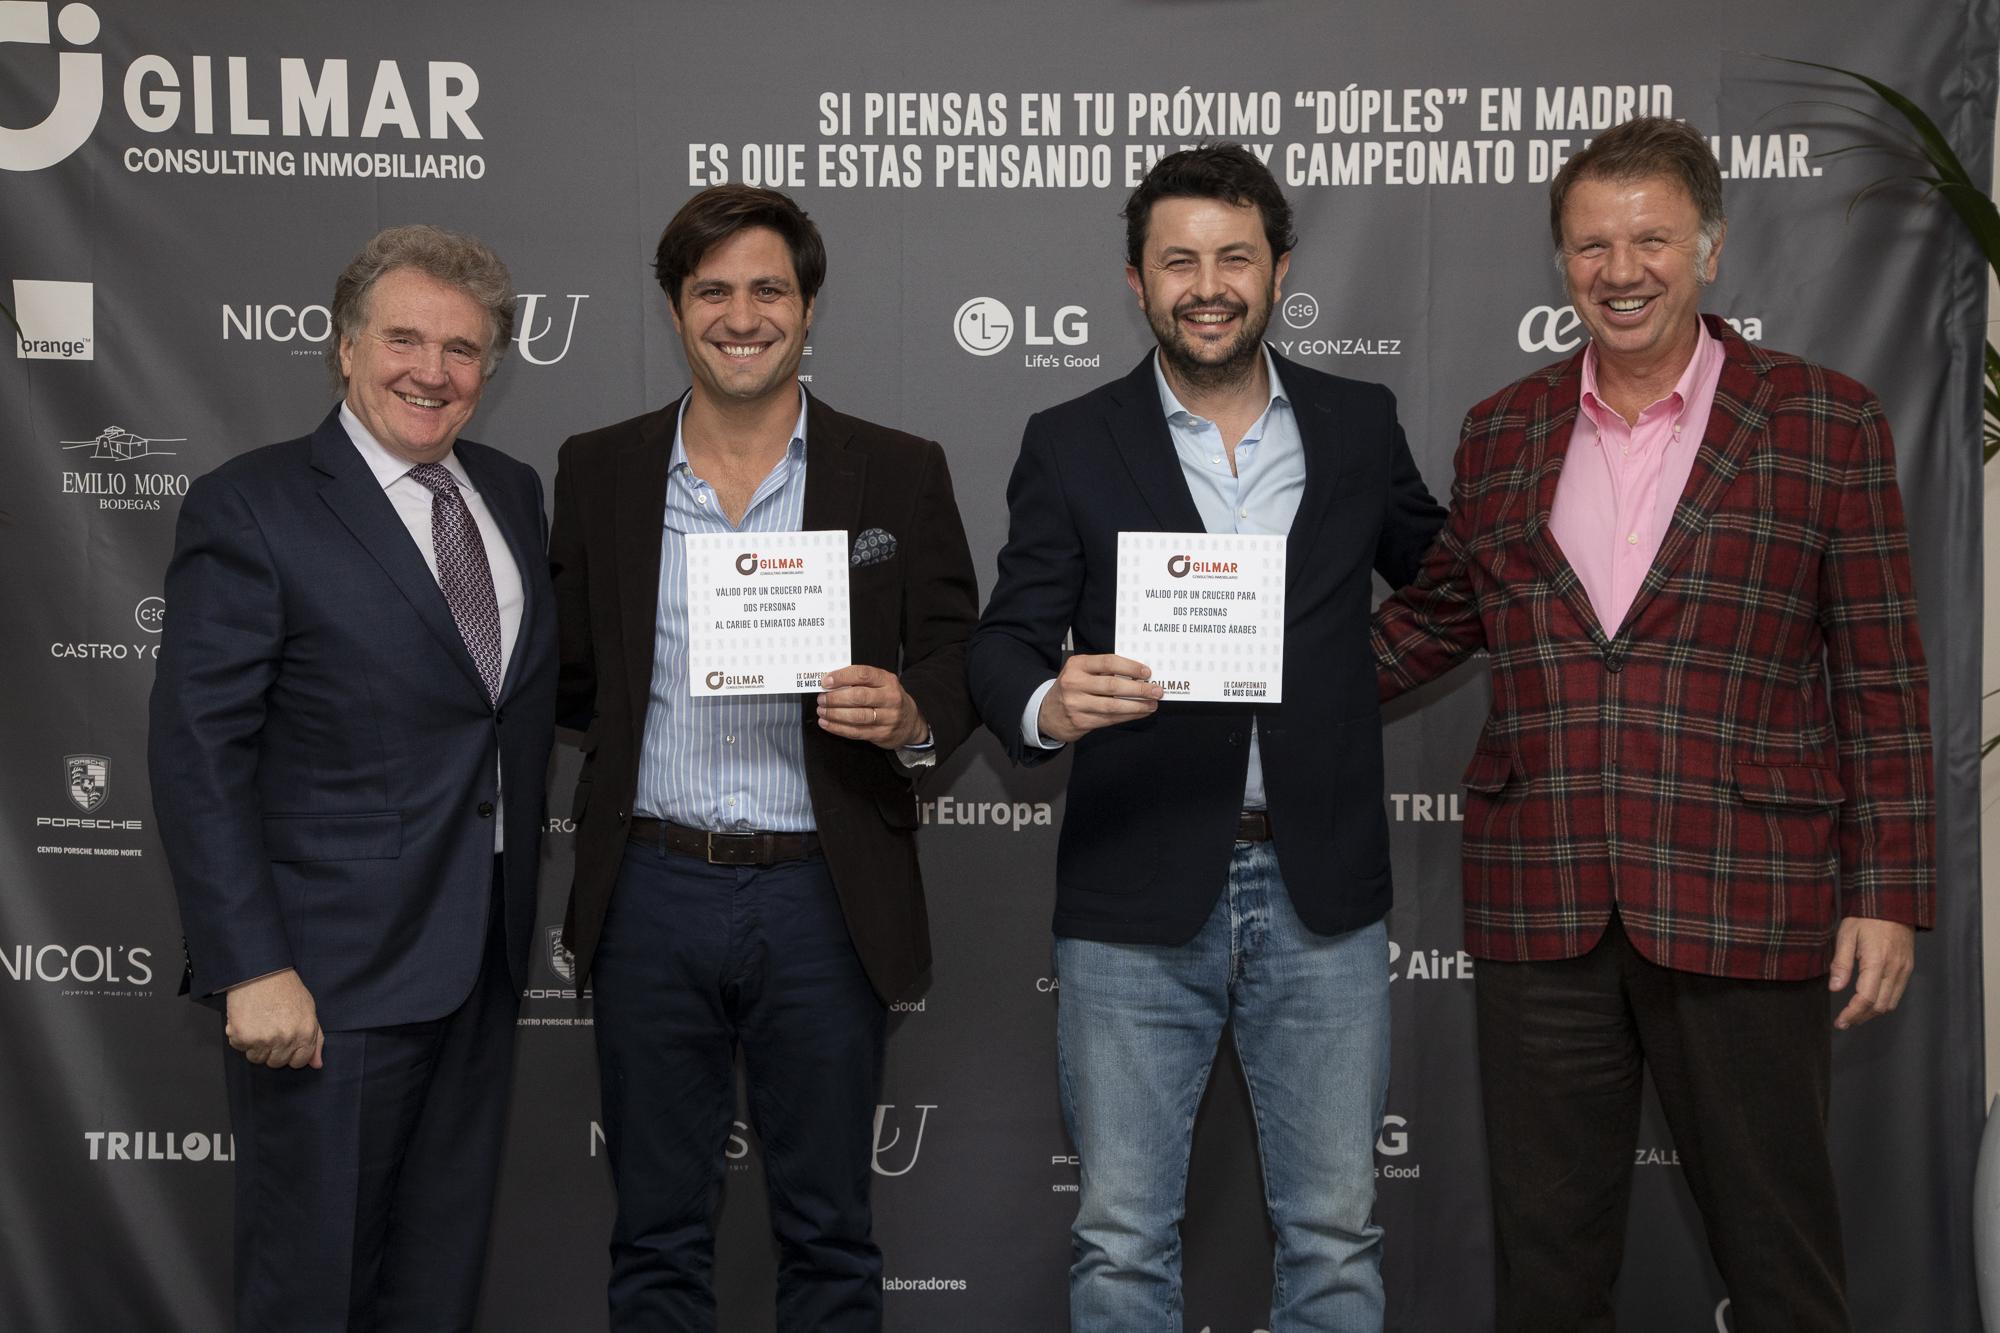 Premio Gilmar a los ganadores